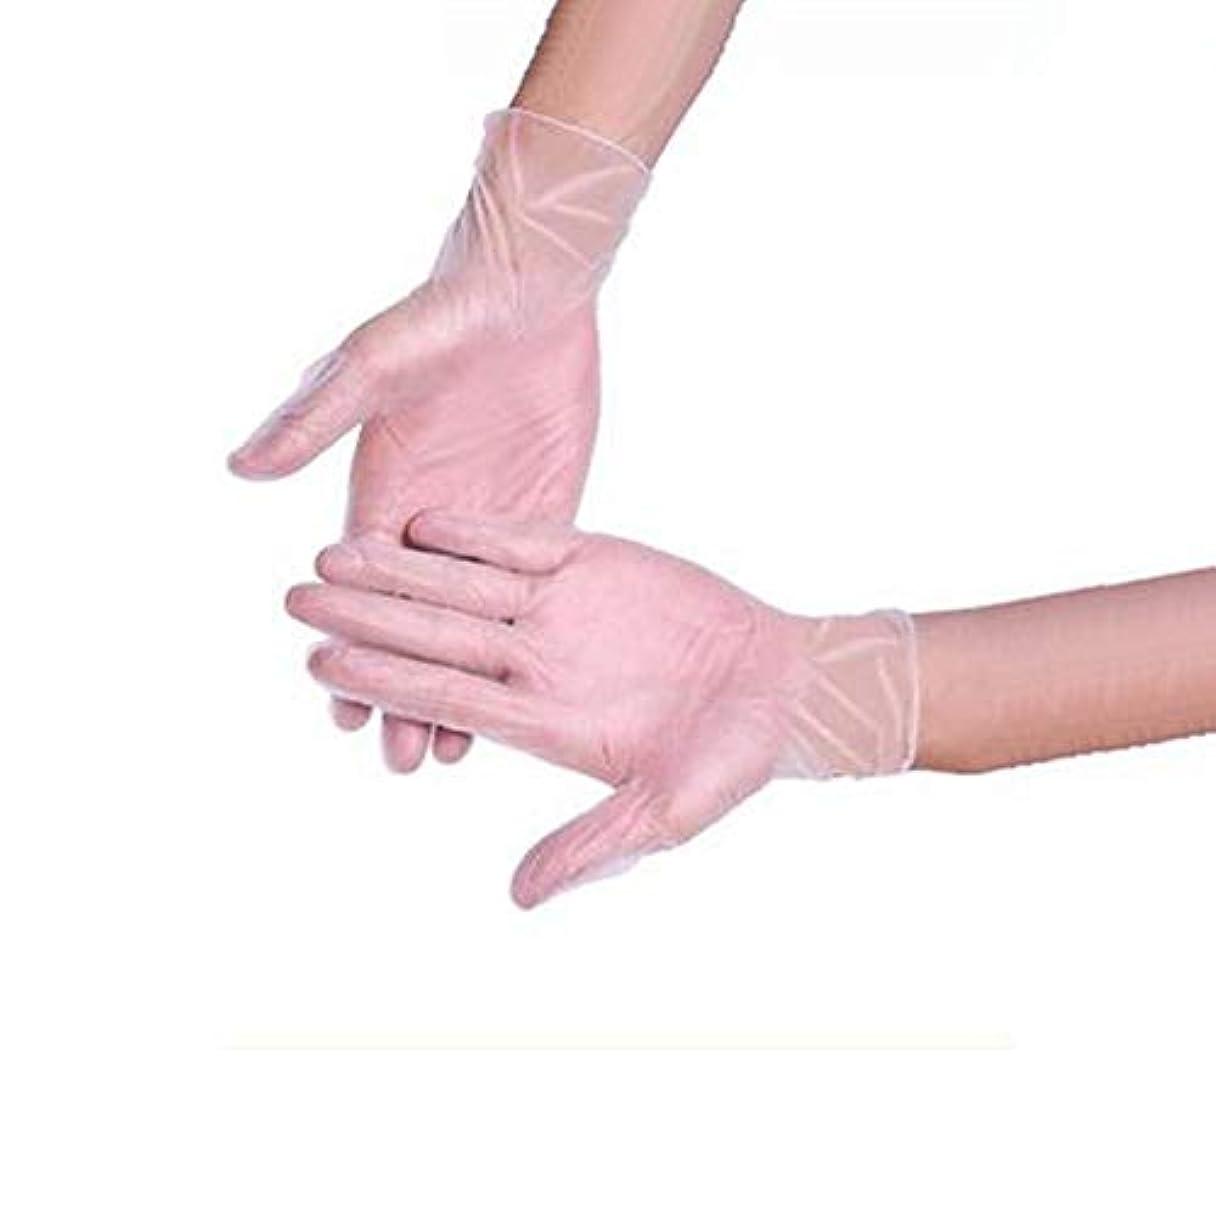 悪用魚補助食品ベーキング手袋美容ネイル使い捨て手袋クリーニング帯電防止手袋箱入り500のみ YANW (色 : トランスペアレント, サイズ さいず : Xl xl)